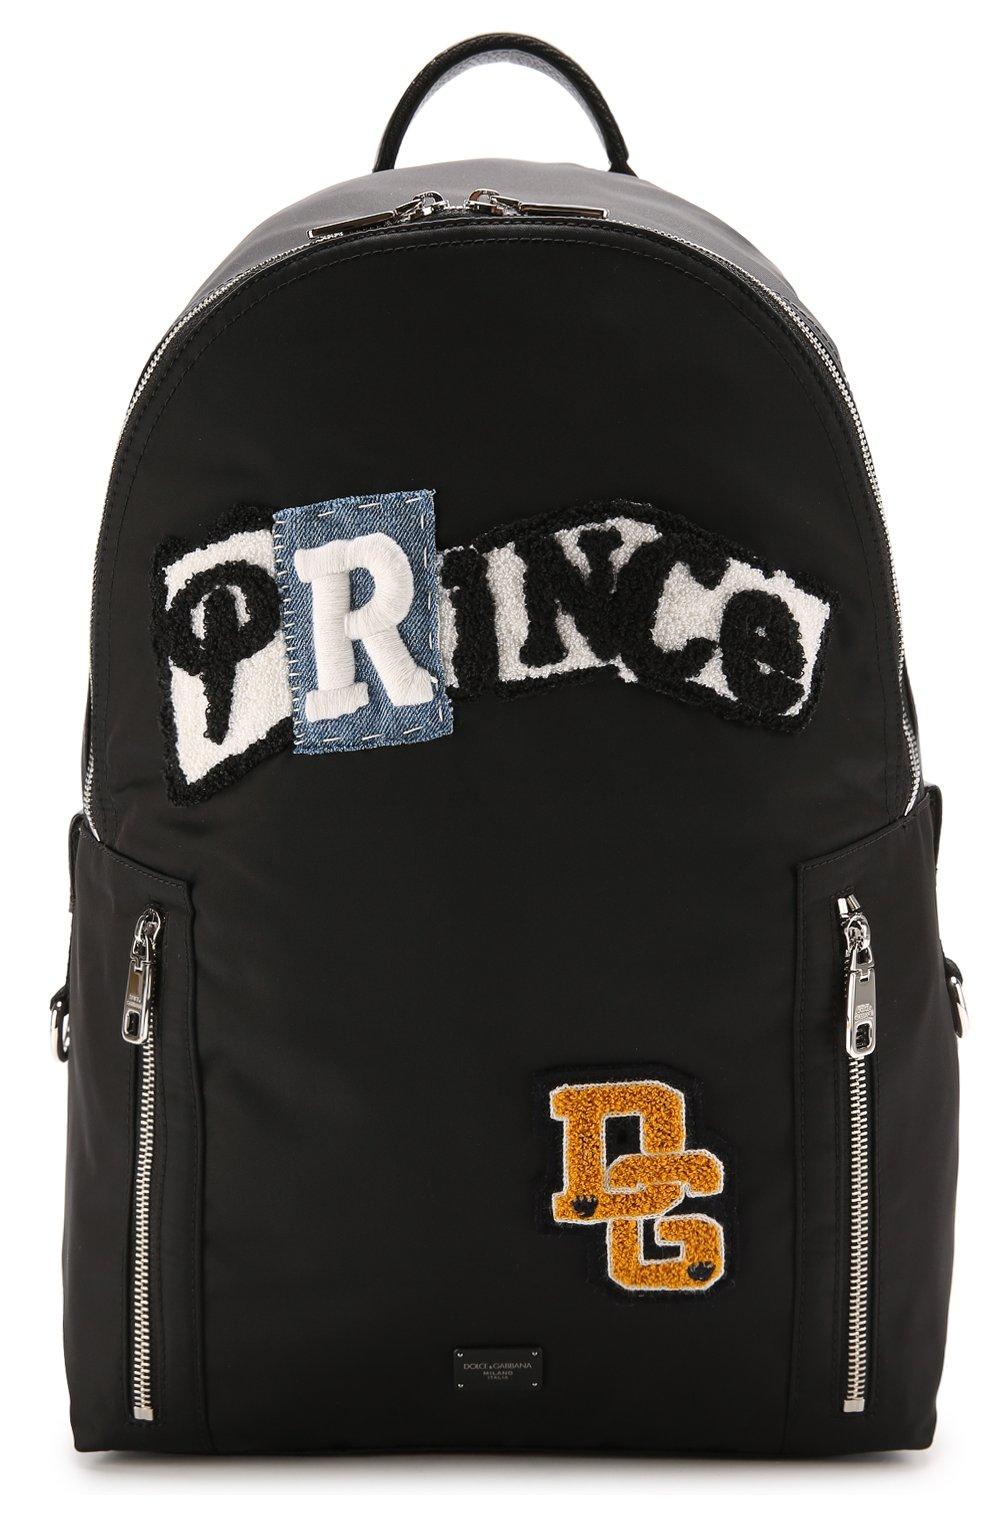 Текстильный рюкзак с нашивками и внешним карманом на молнии | Фото №1